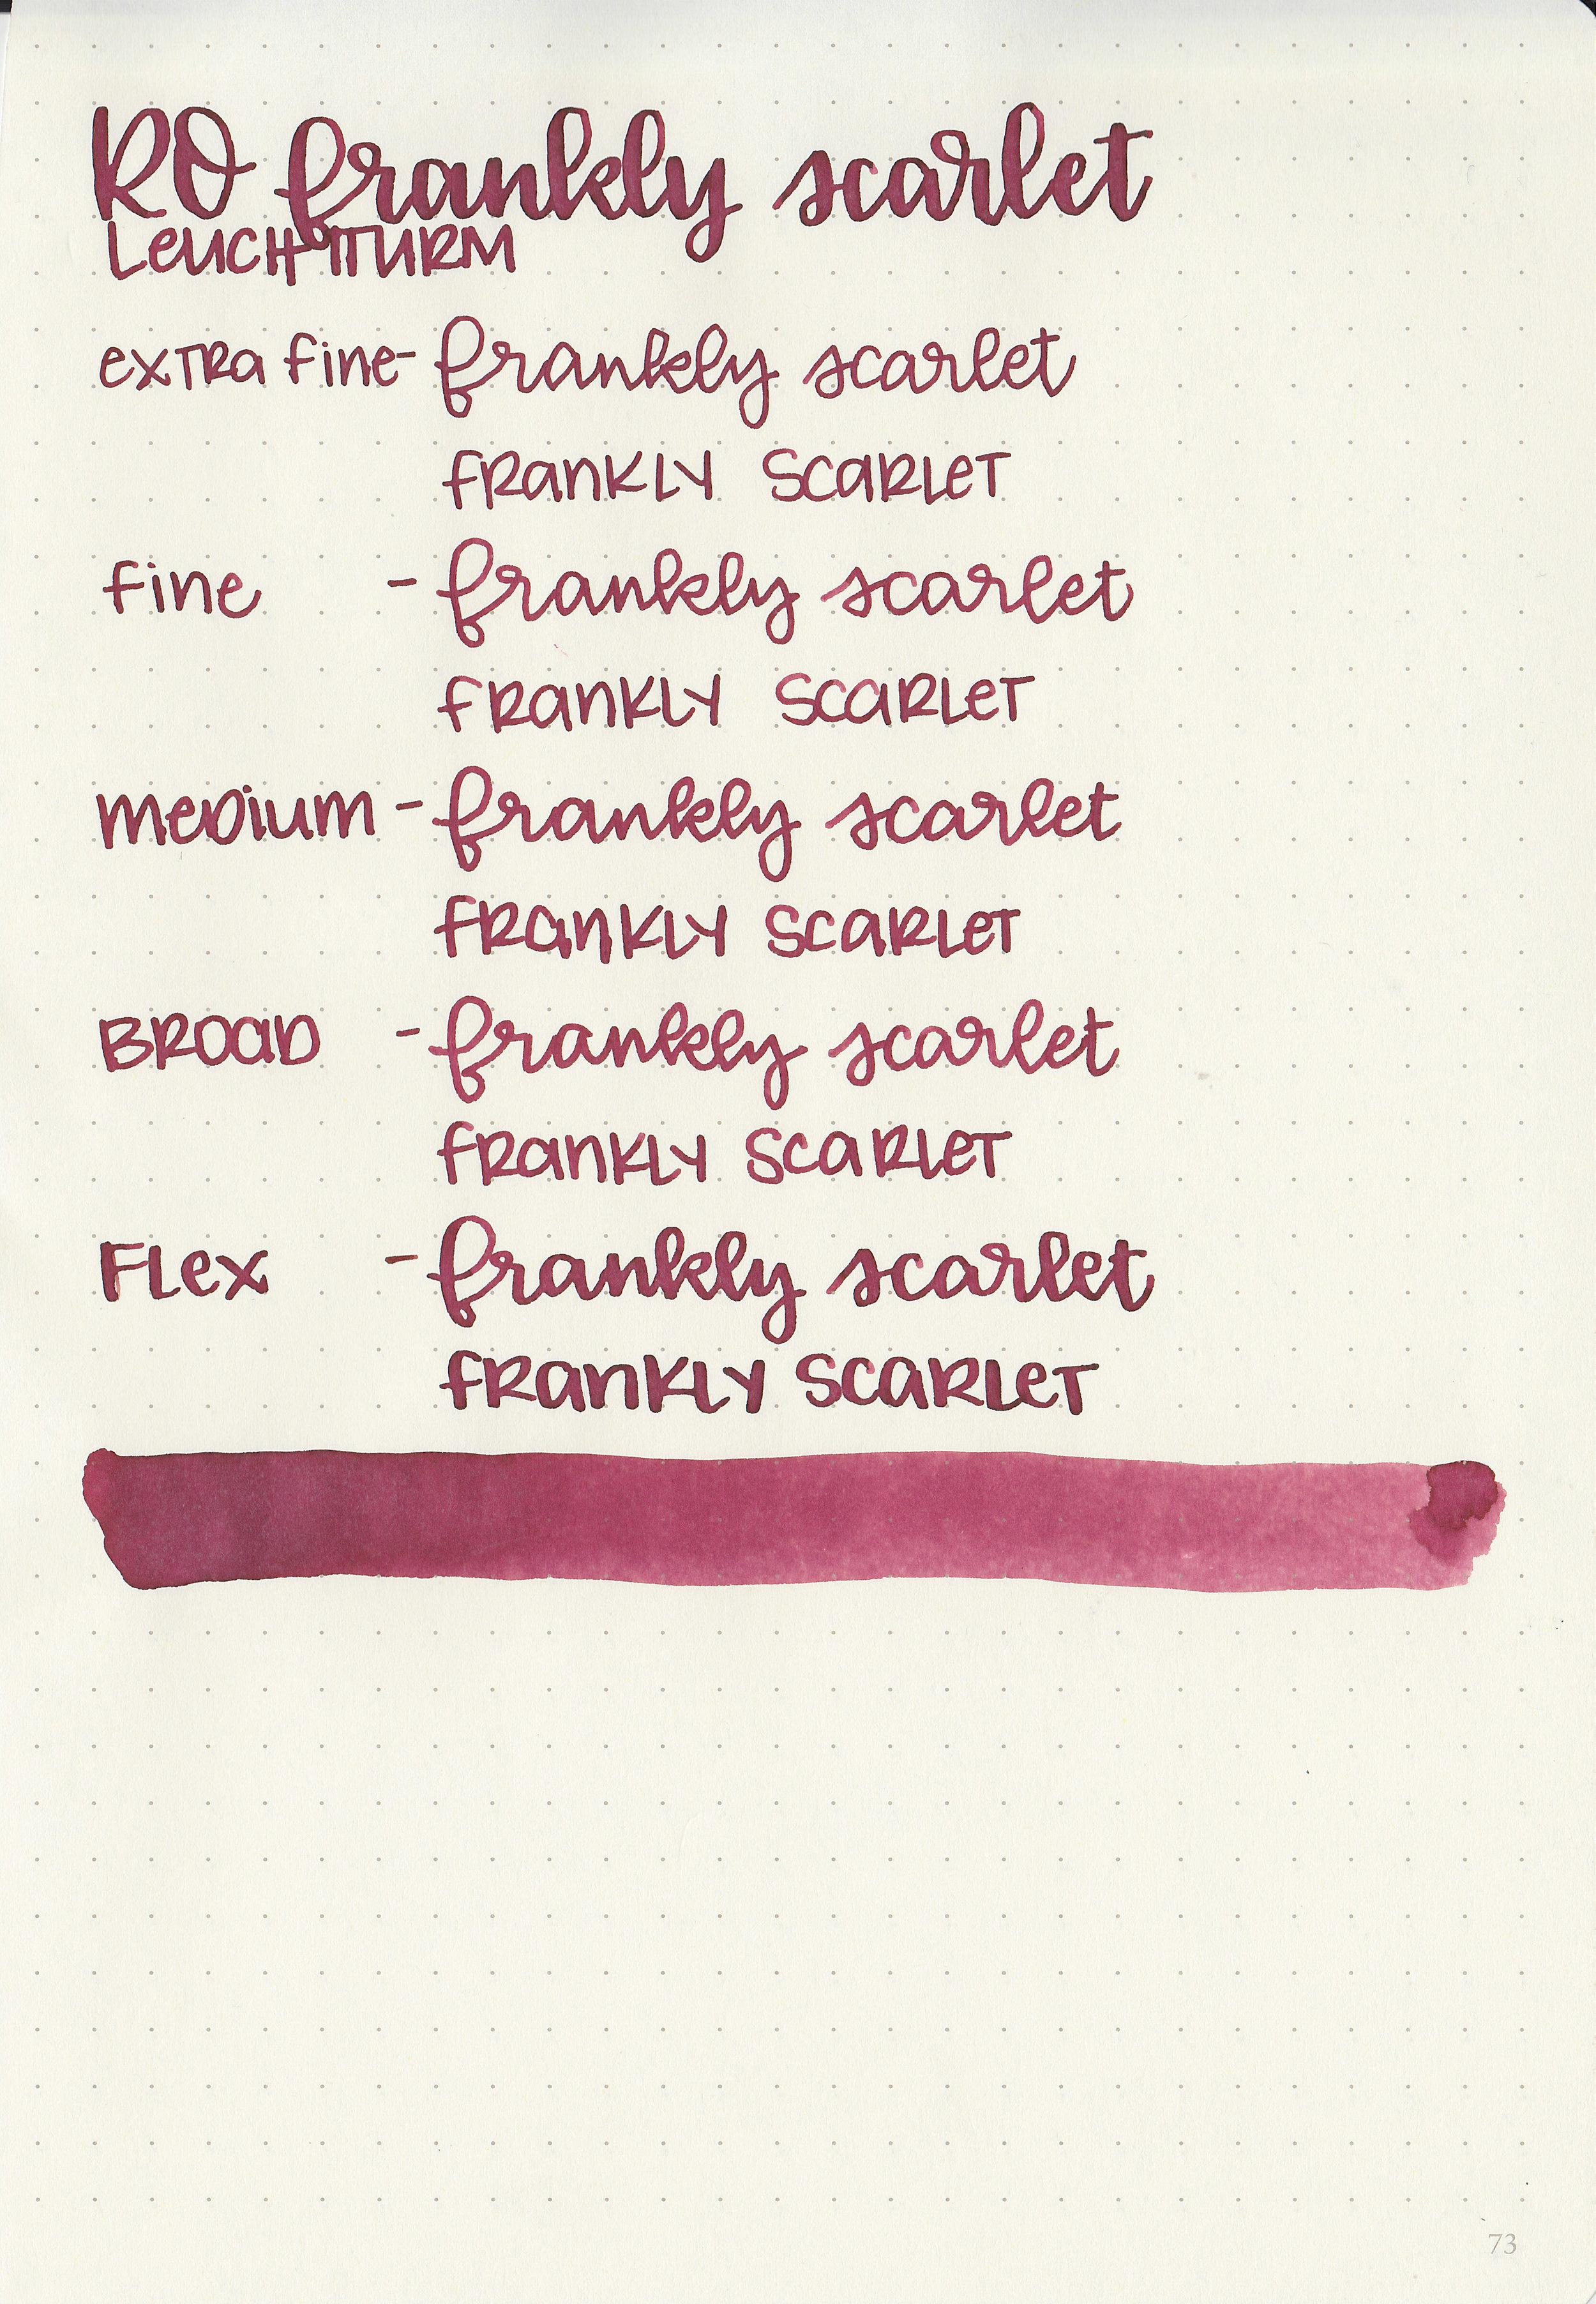 ro-frankly-scarlet-9.jpg